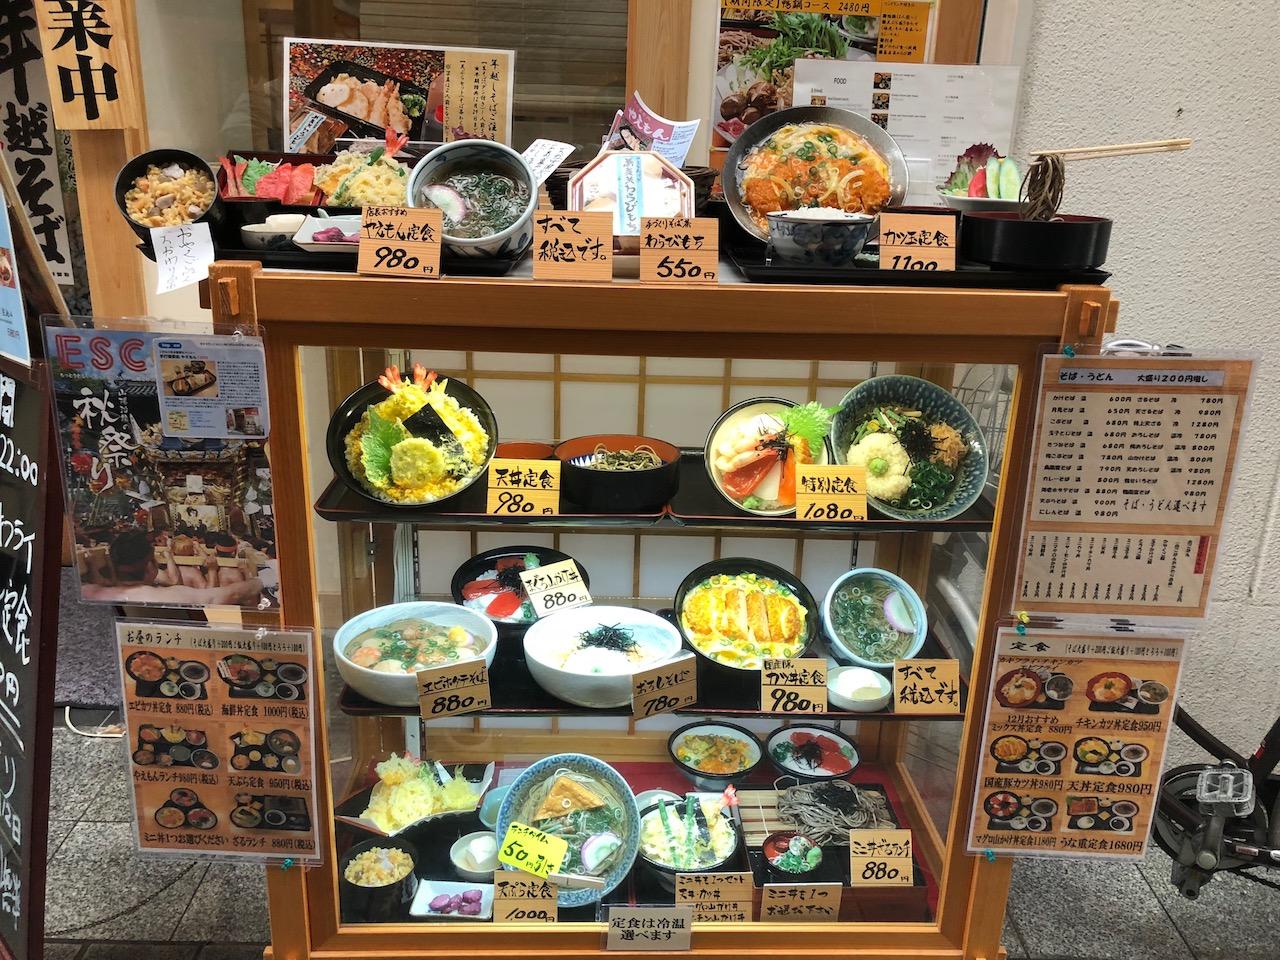 姫路駅前おみぞ筋の「やえもん」が新そば祭りでそば大盛り無料!